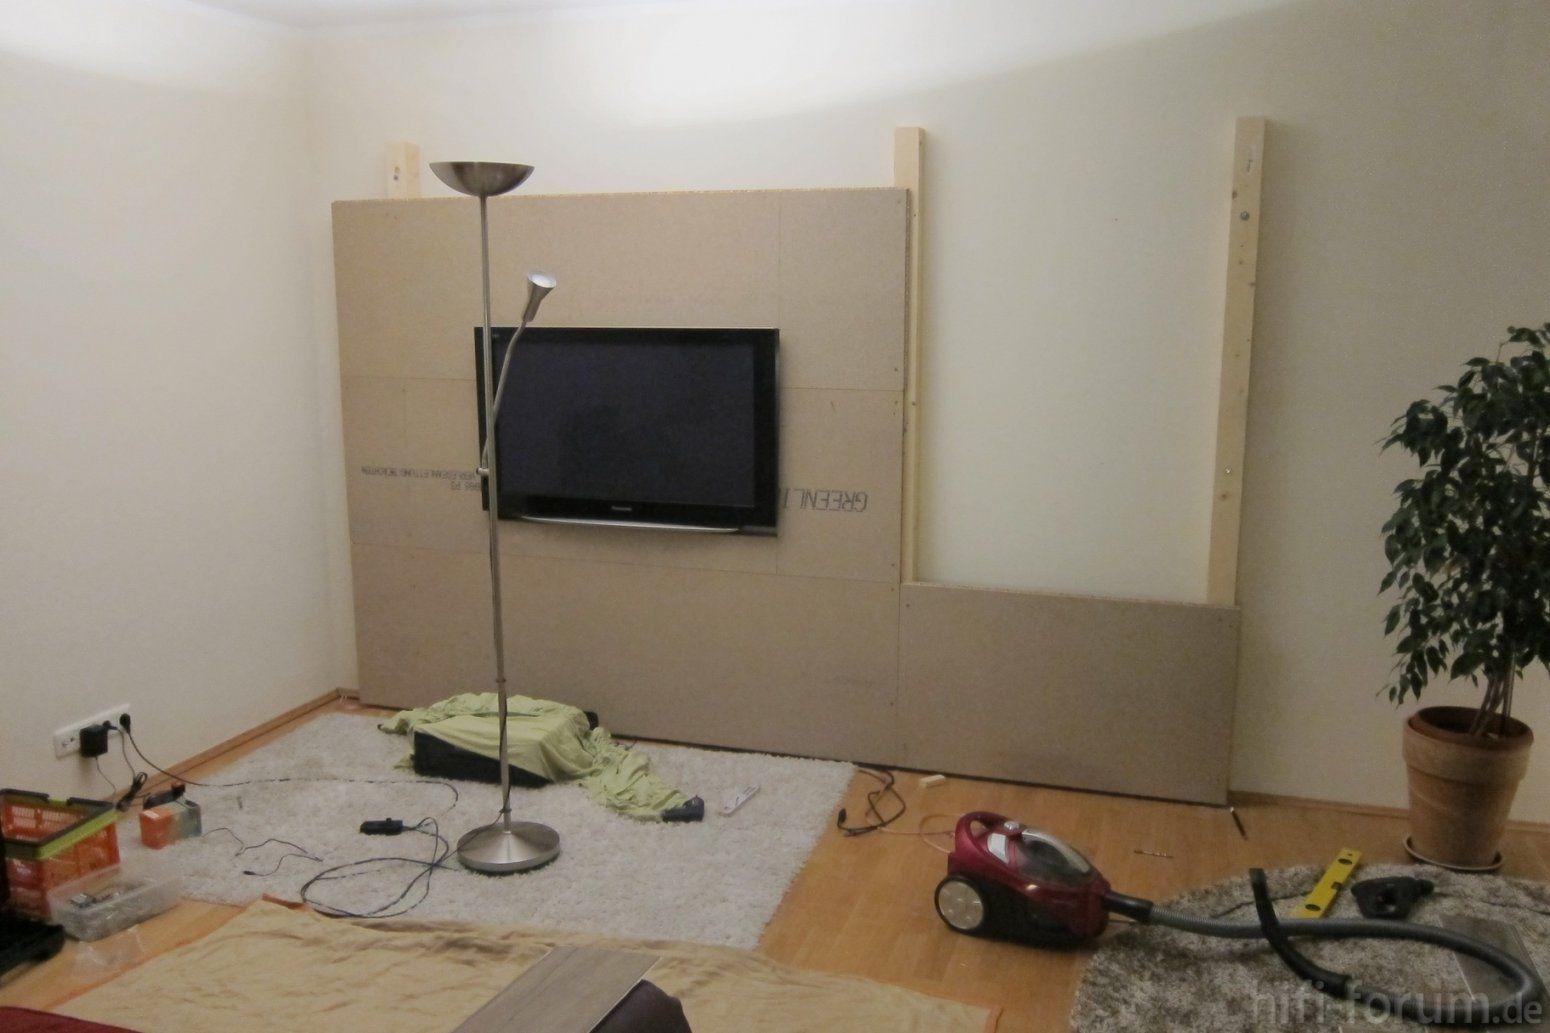 Tv Wand Selber Bauen Laminat Mit Zusätzlichen Unglaublich Haus von Tv Wand Bauen Anleitung Photo